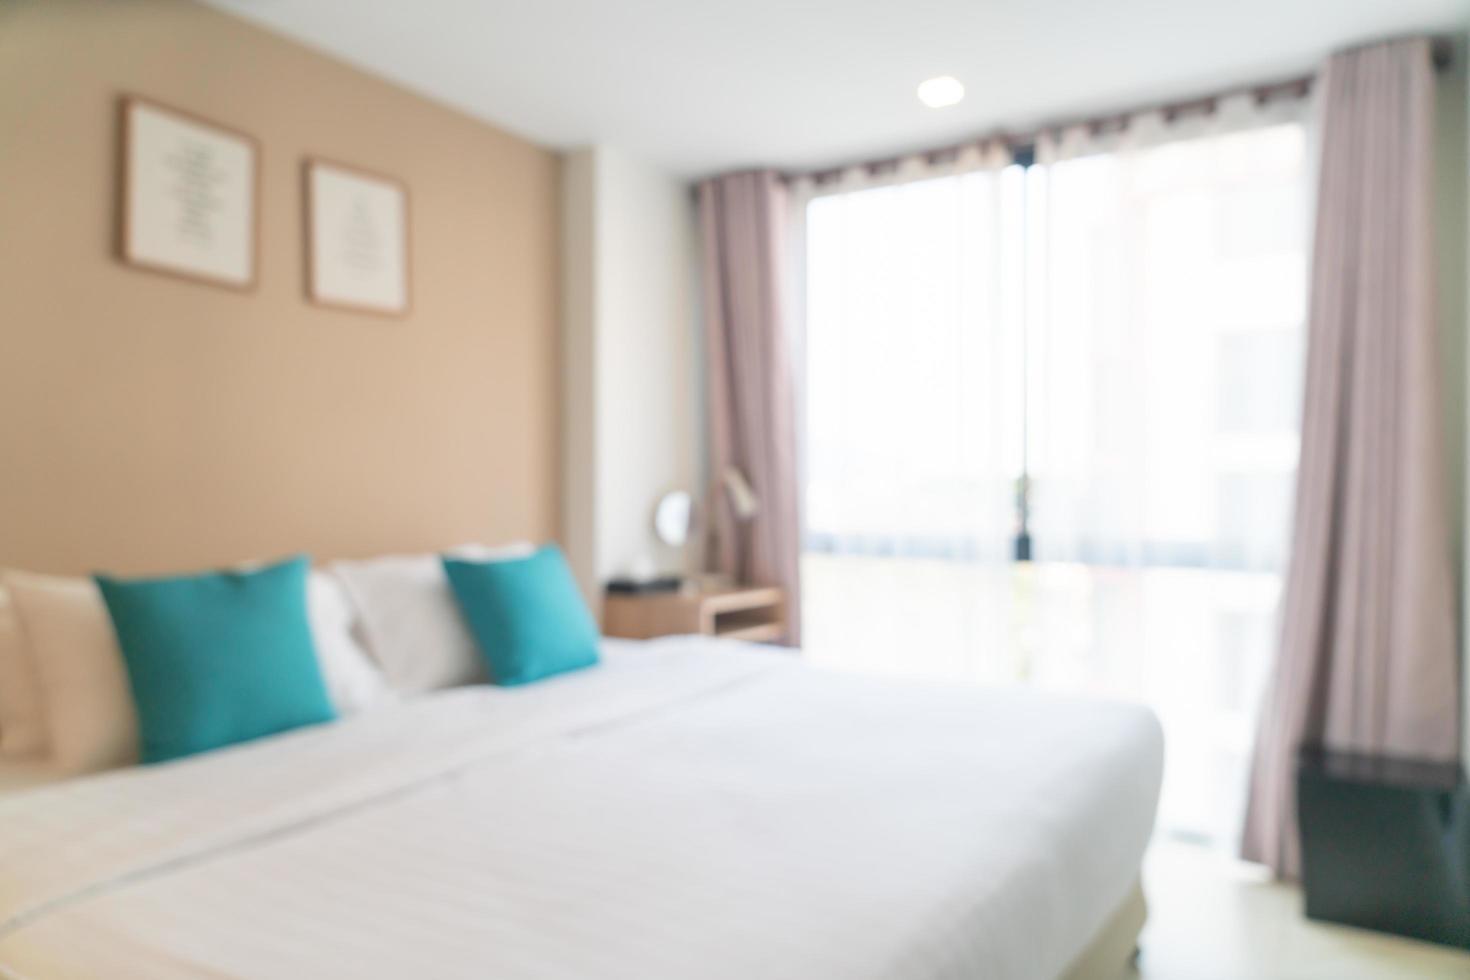 Cama de desenfoque abstracto en el dormitorio para el fondo foto